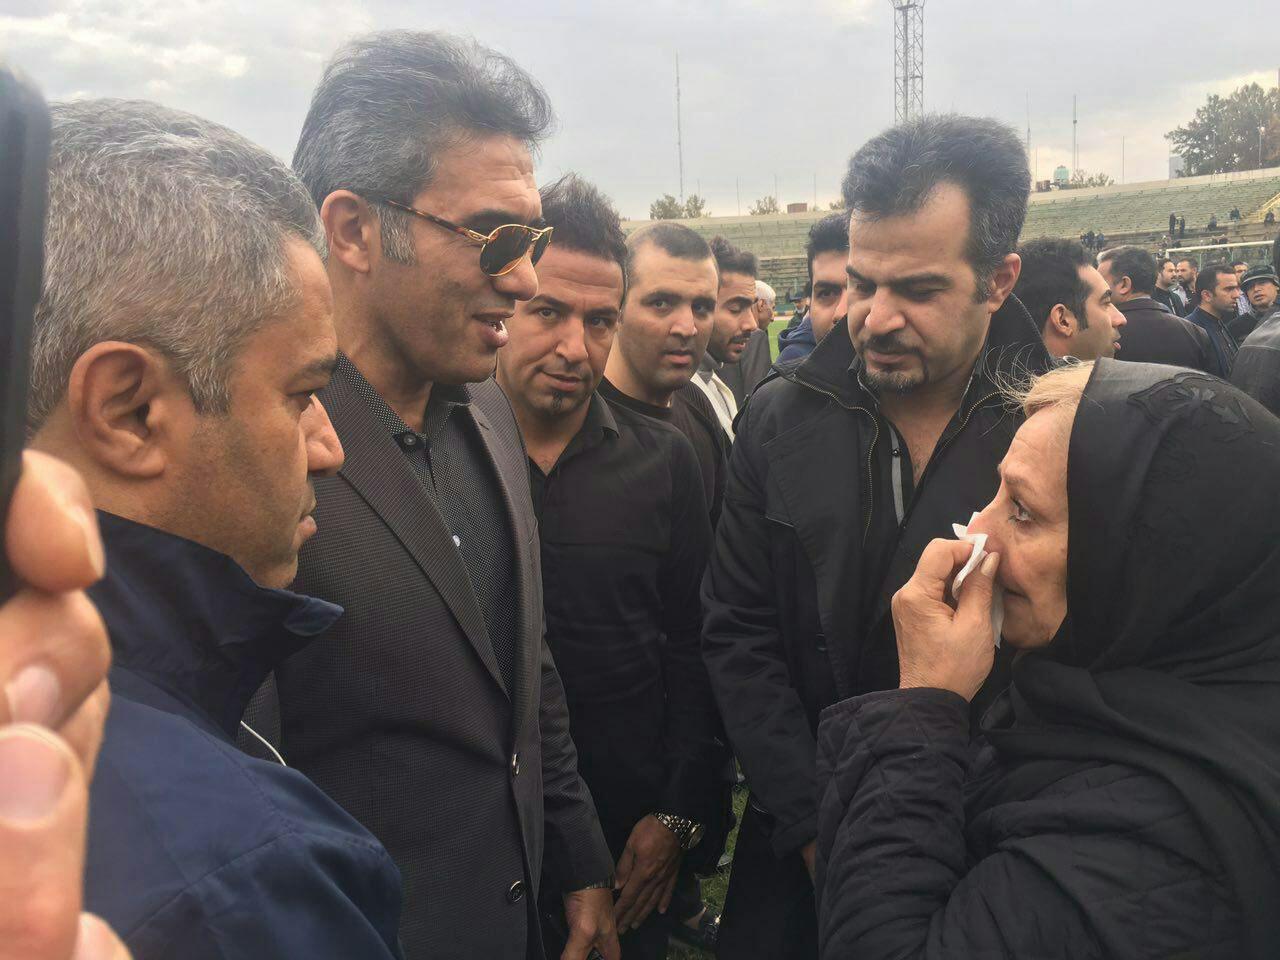 لحظه به لحظه با مراسم تشییع پیکر منصور پورحیدری +عکس و فیلم